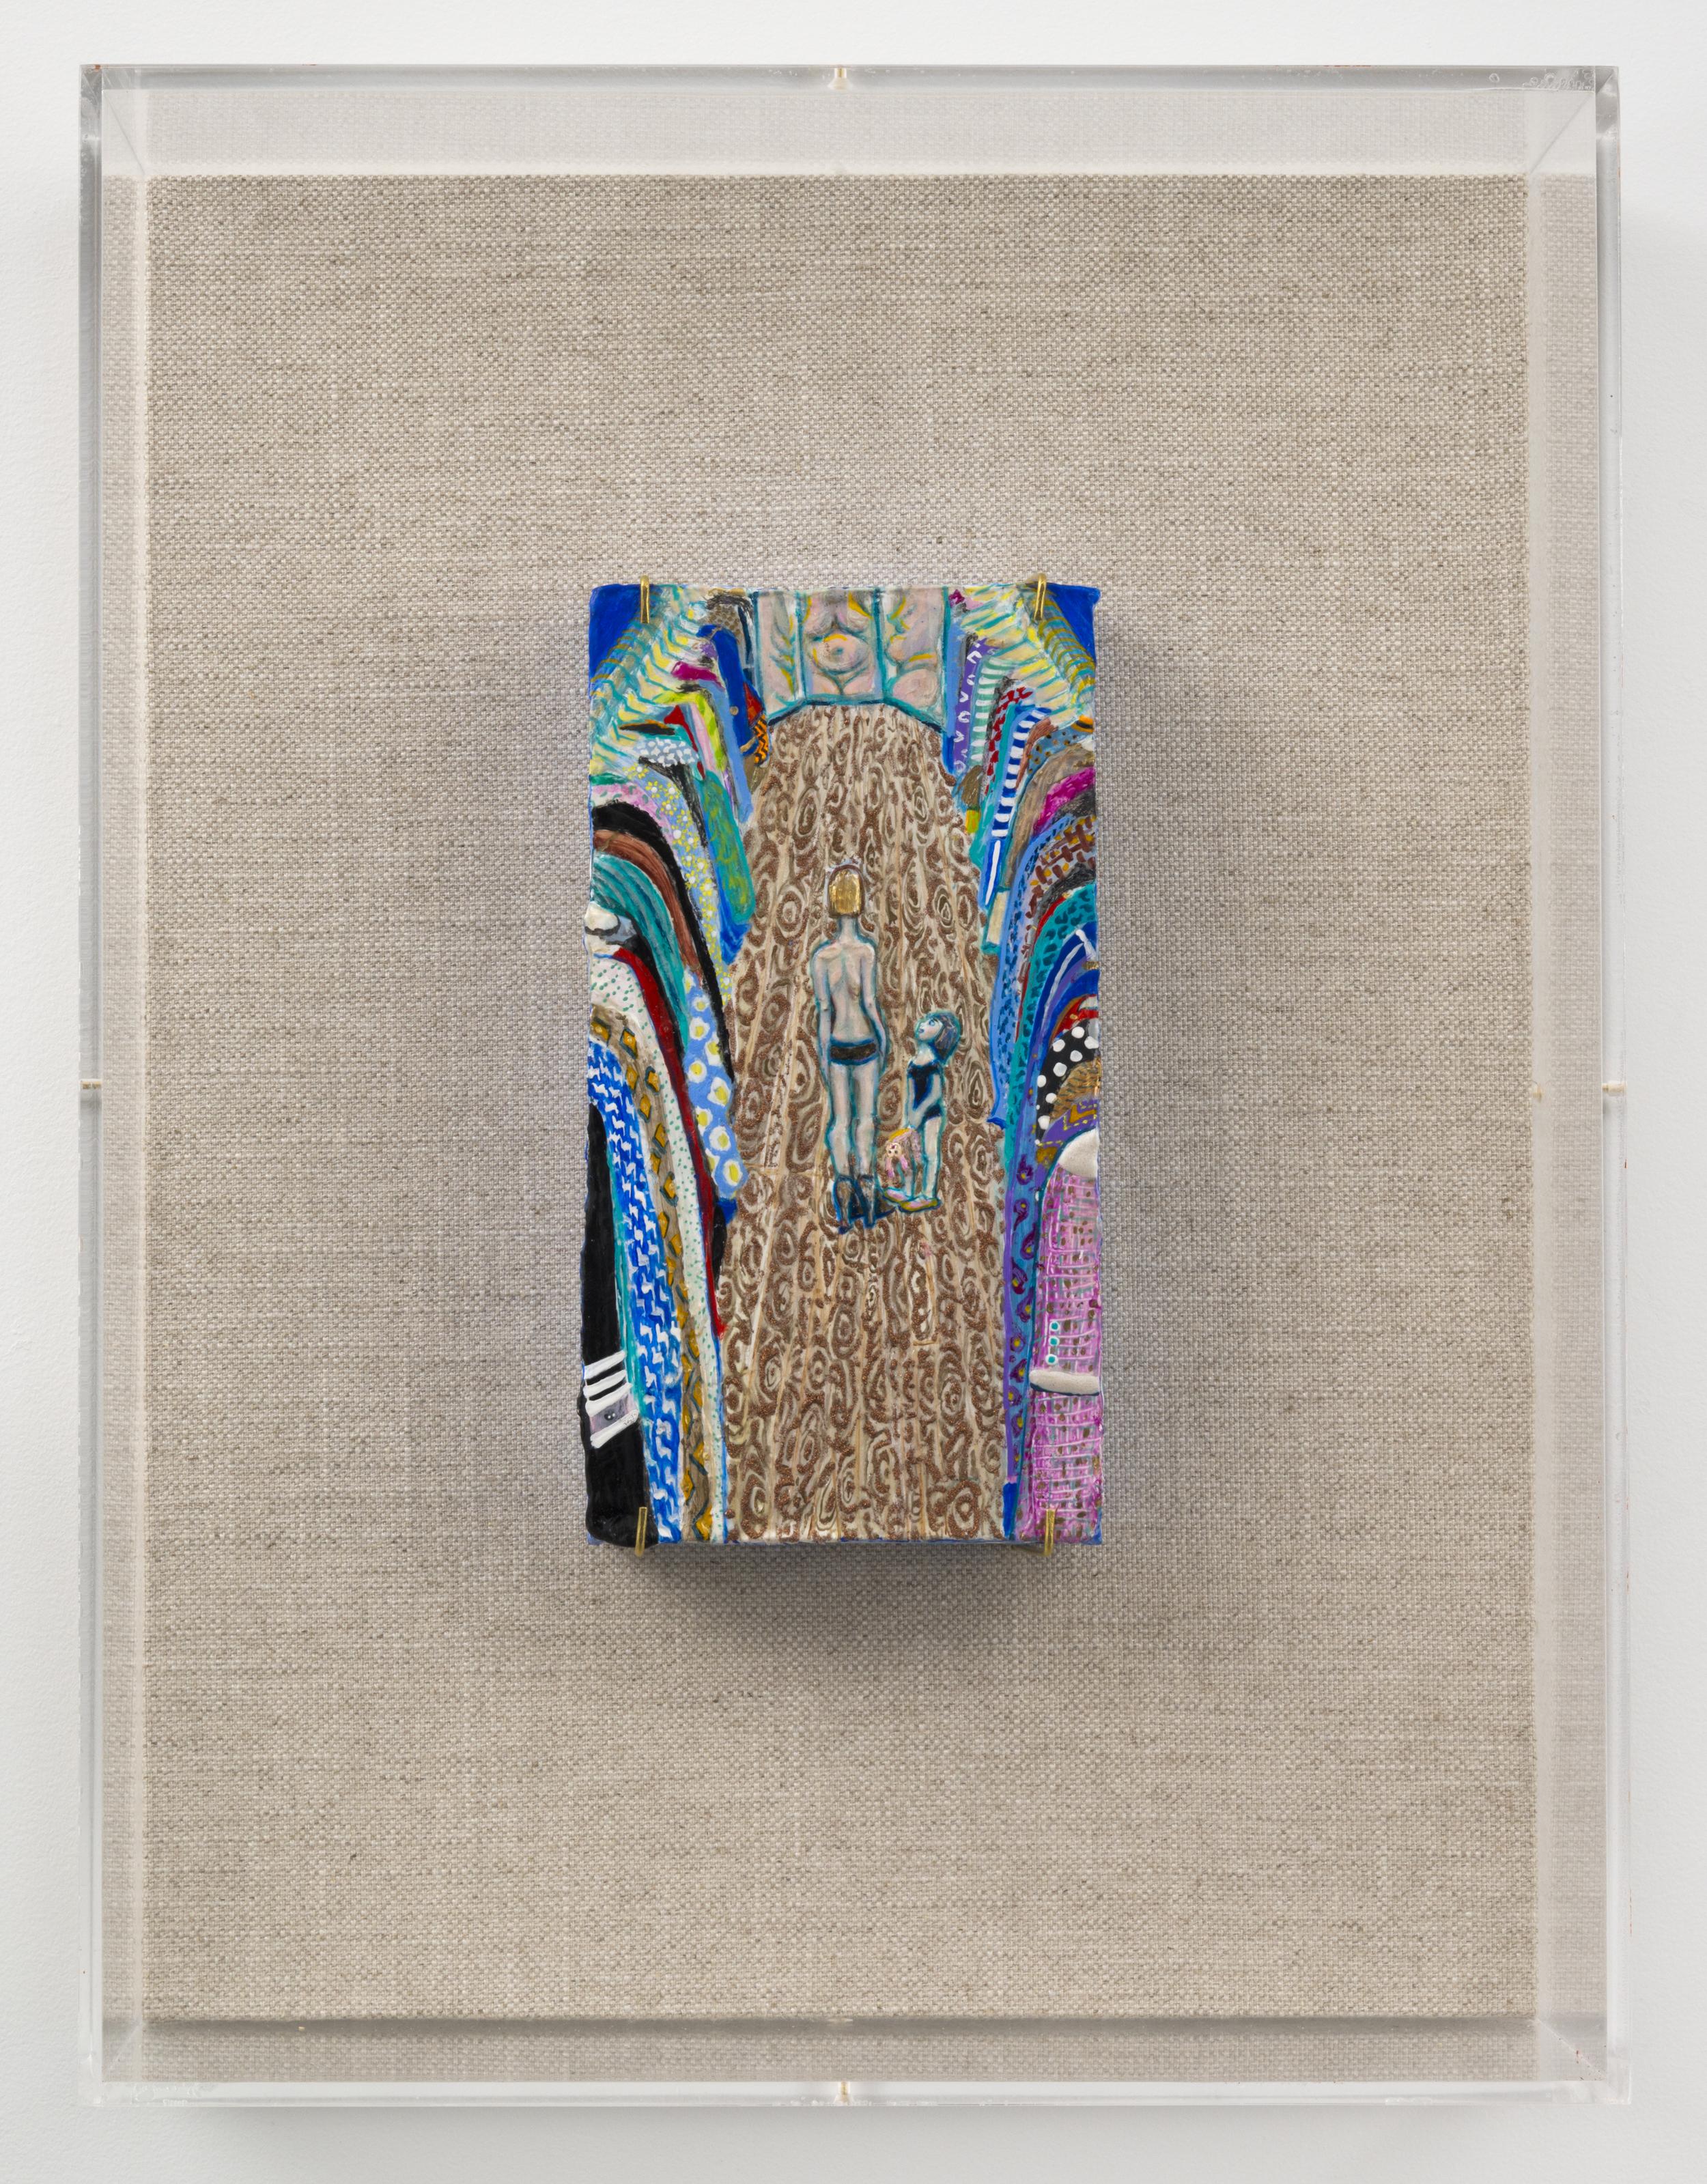 Ahkami_Negar.Fragment_2.gesso_acrylic_and_glitter_on_found_styrofoam.10x5.25x2%22(unframed).With_Frame.jpg